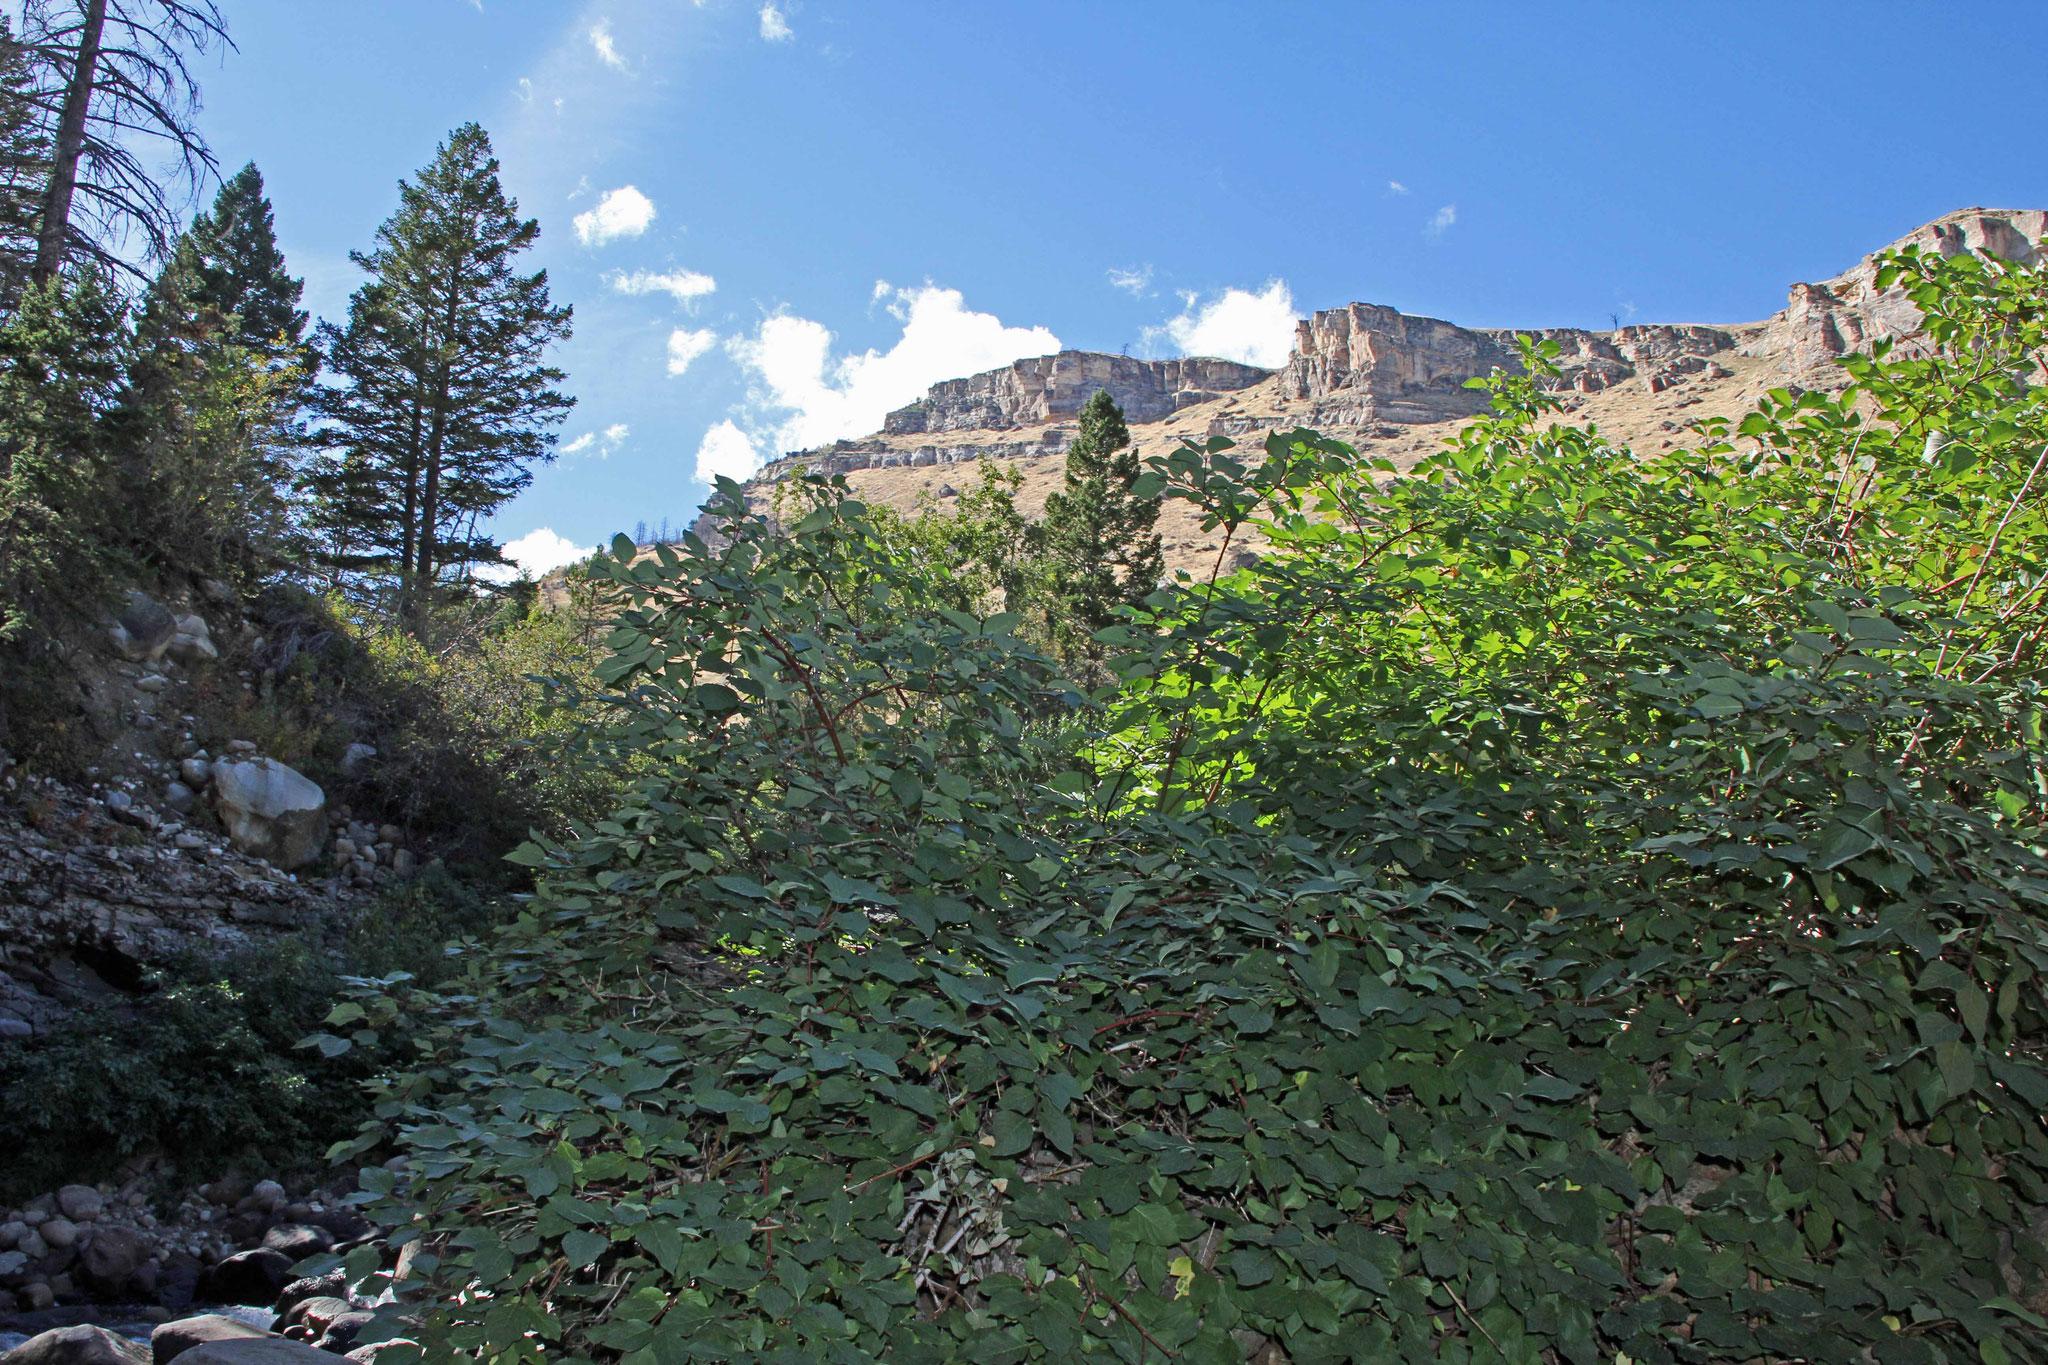 Bild 18 Am Sinks Canyon, wo das Flüßchen in einer Höhle verschwindet